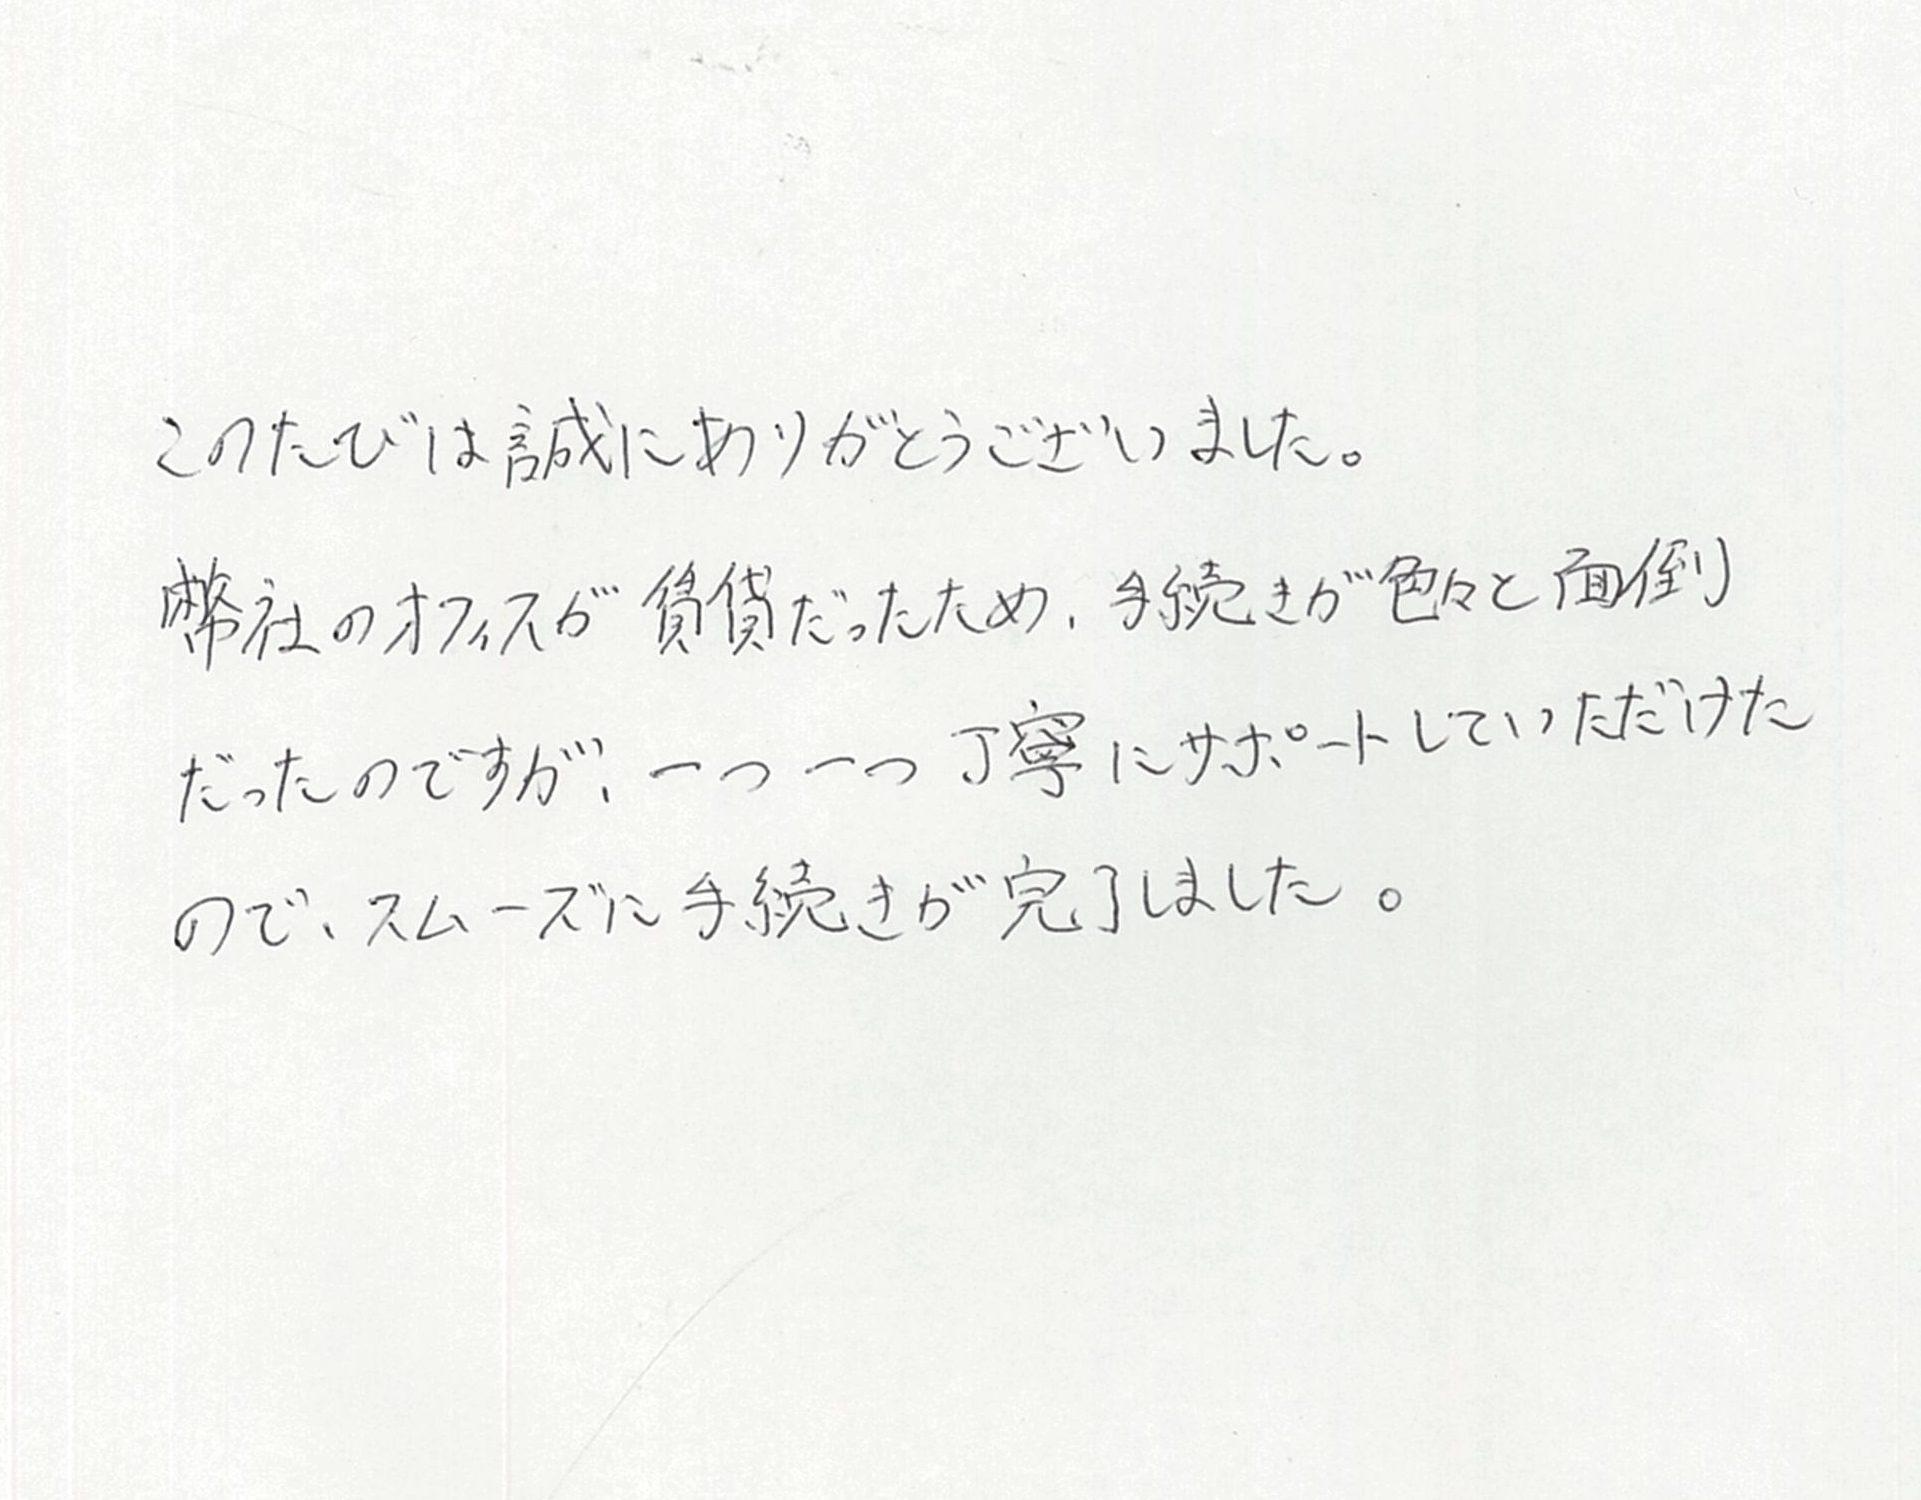 高橋良助様(東京都)